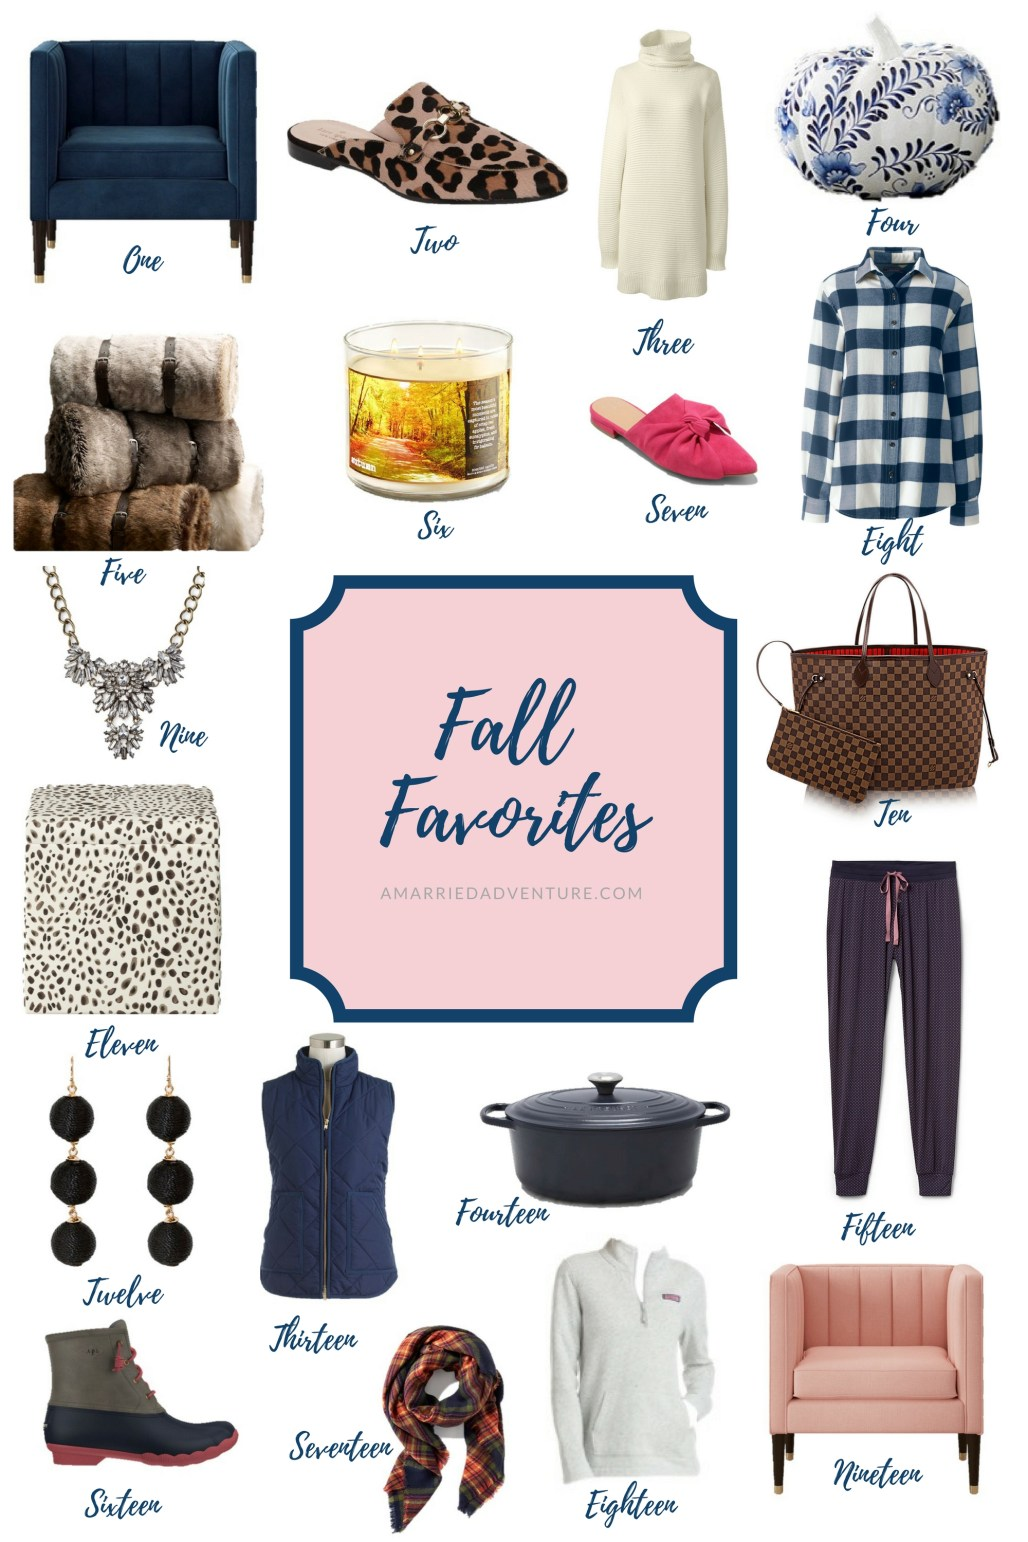 Fall Favorites: AMarriedAdventure